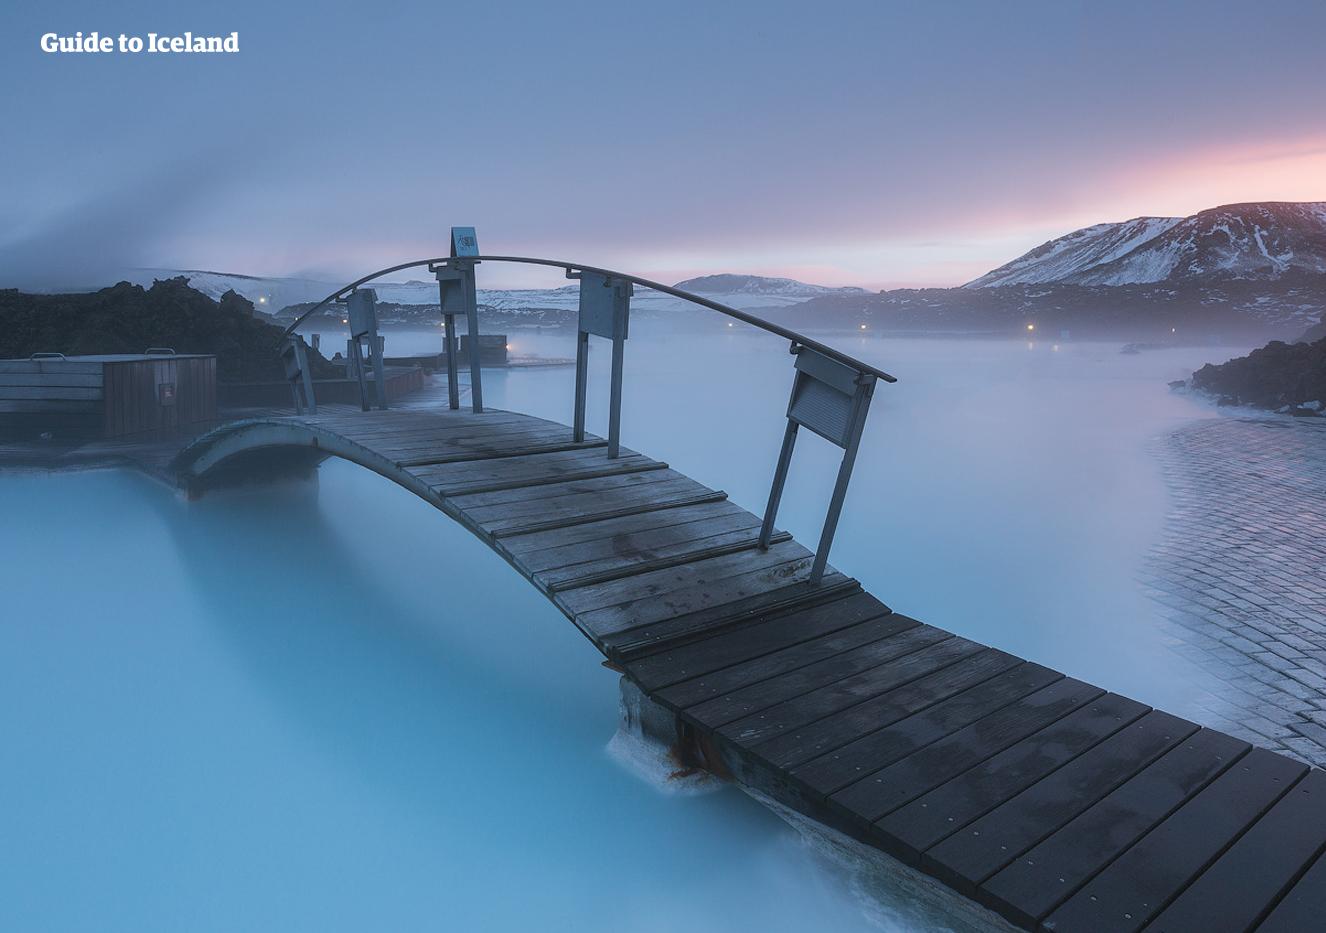 Blå lagunens spa finns nära spetsen av halvön Reykjanes.